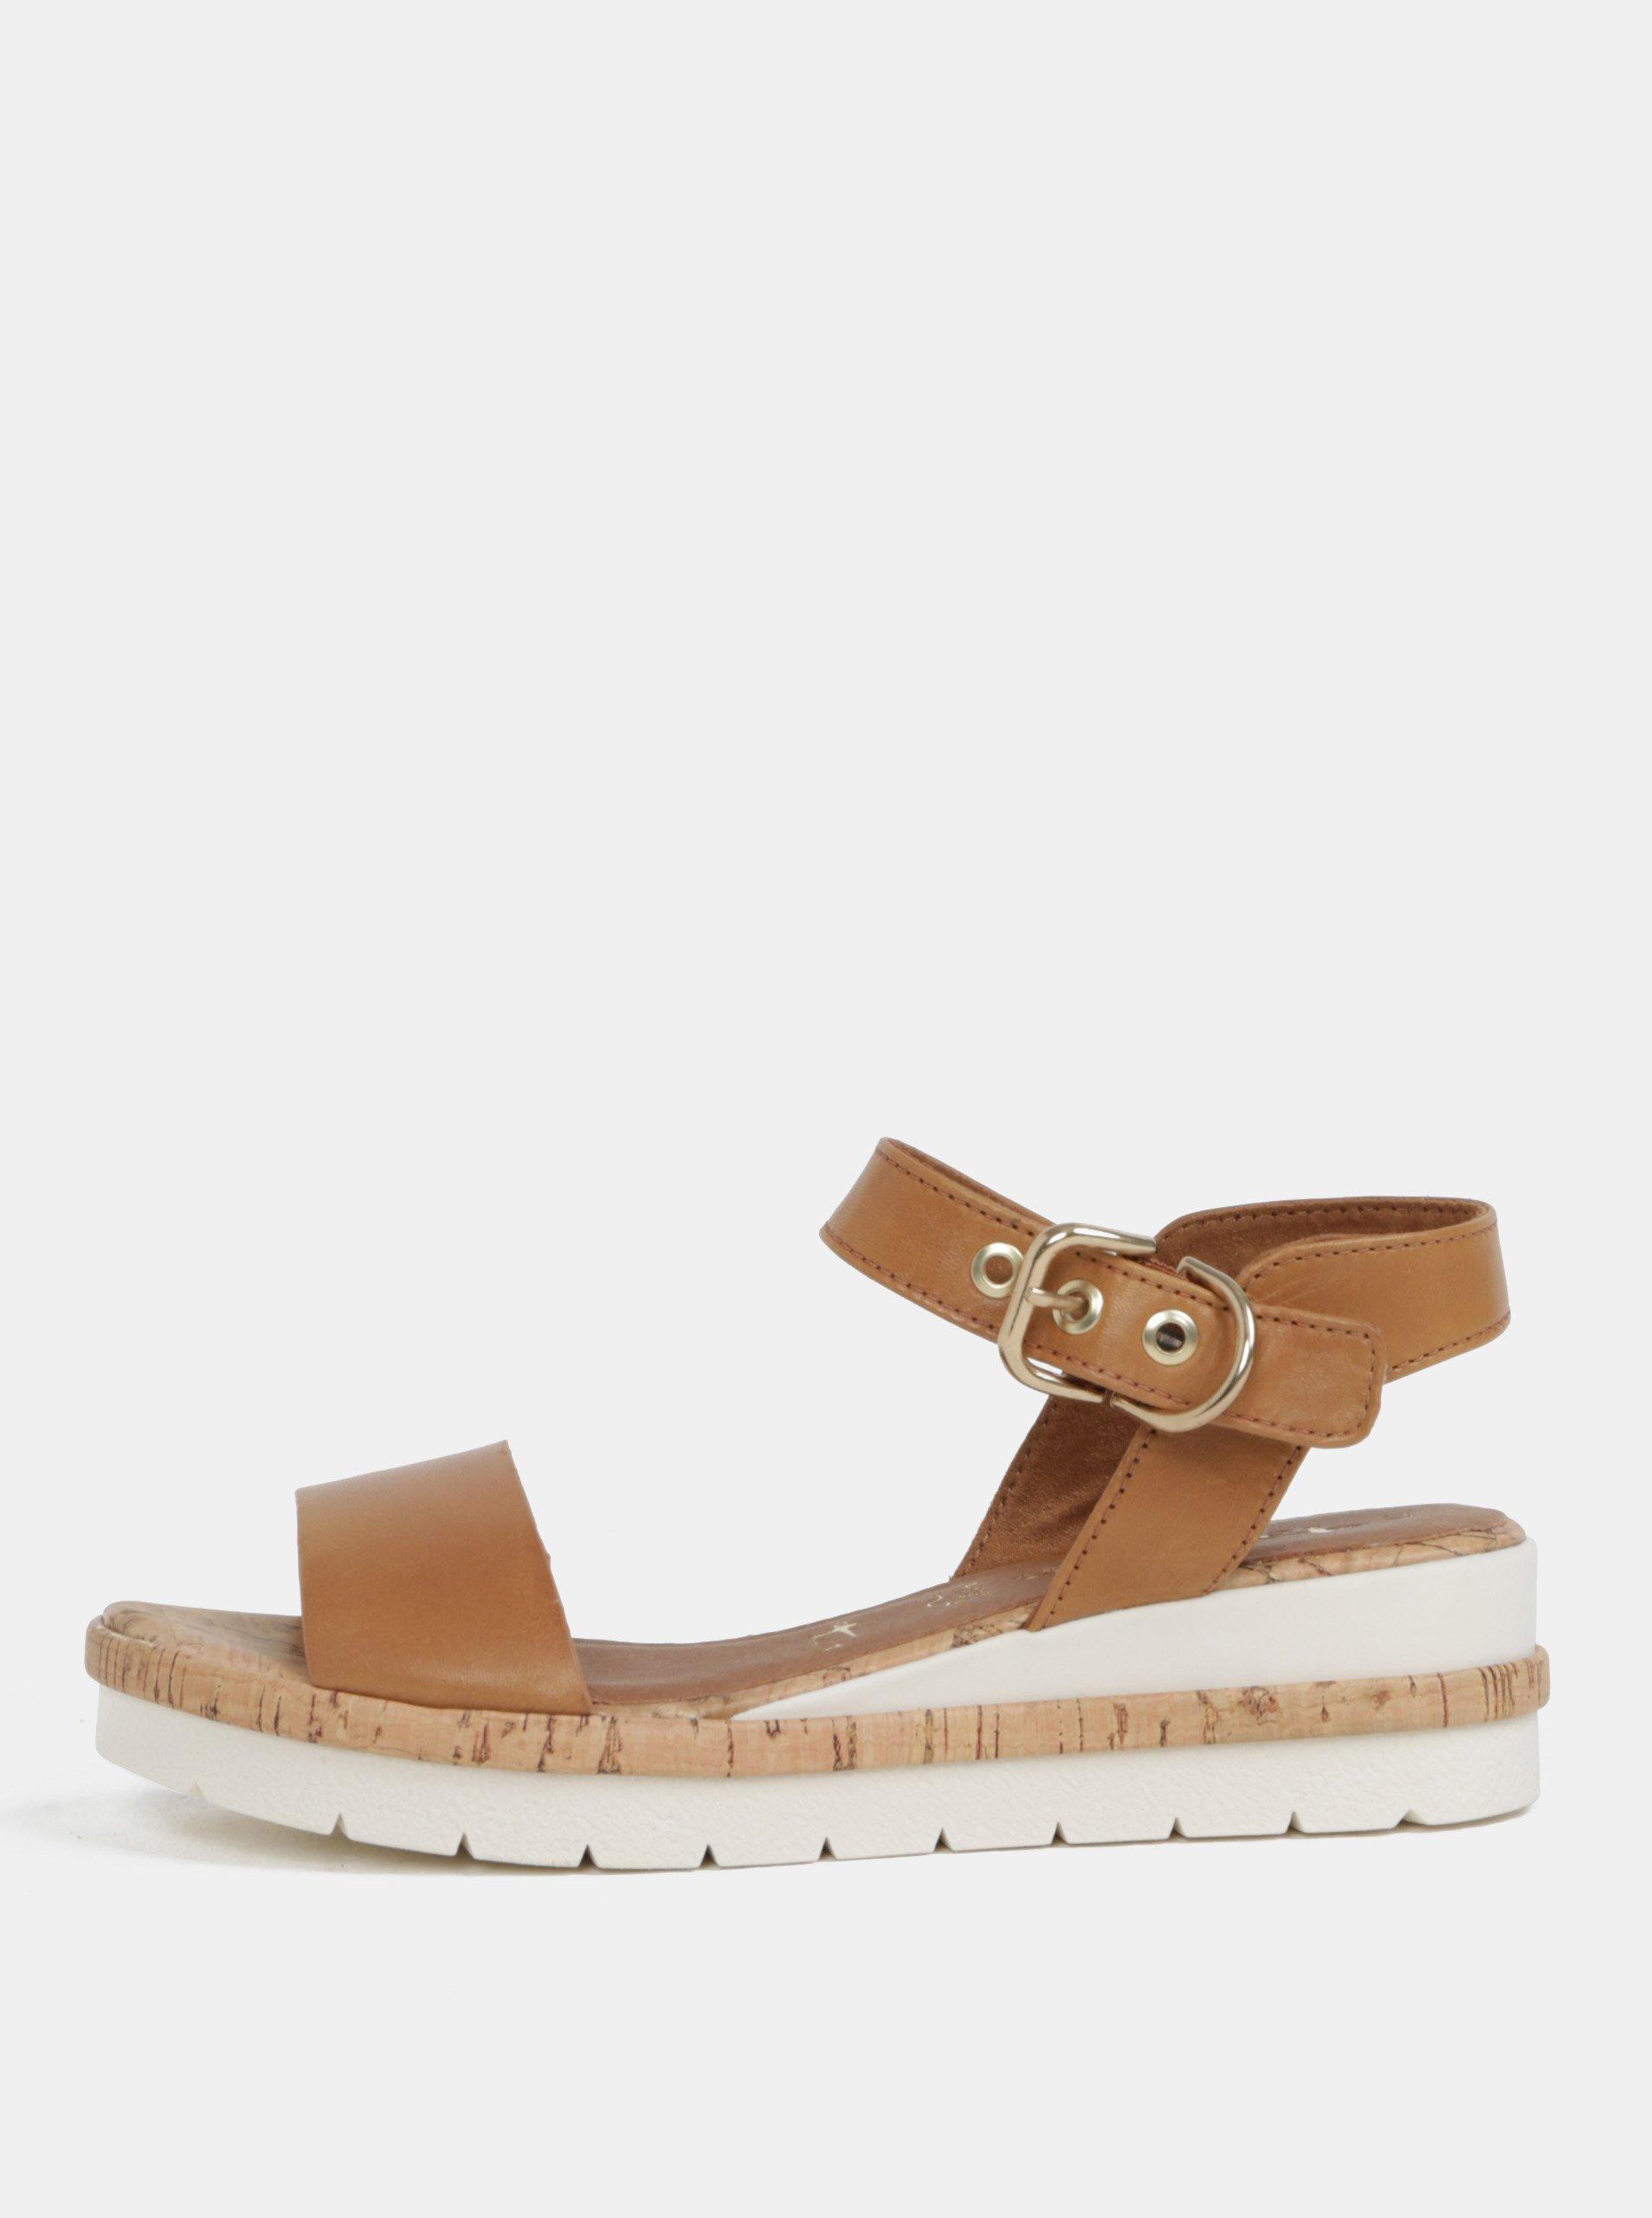 84e9b5380b Hnedé kožené sandálky na plnom podpätku Tamaris